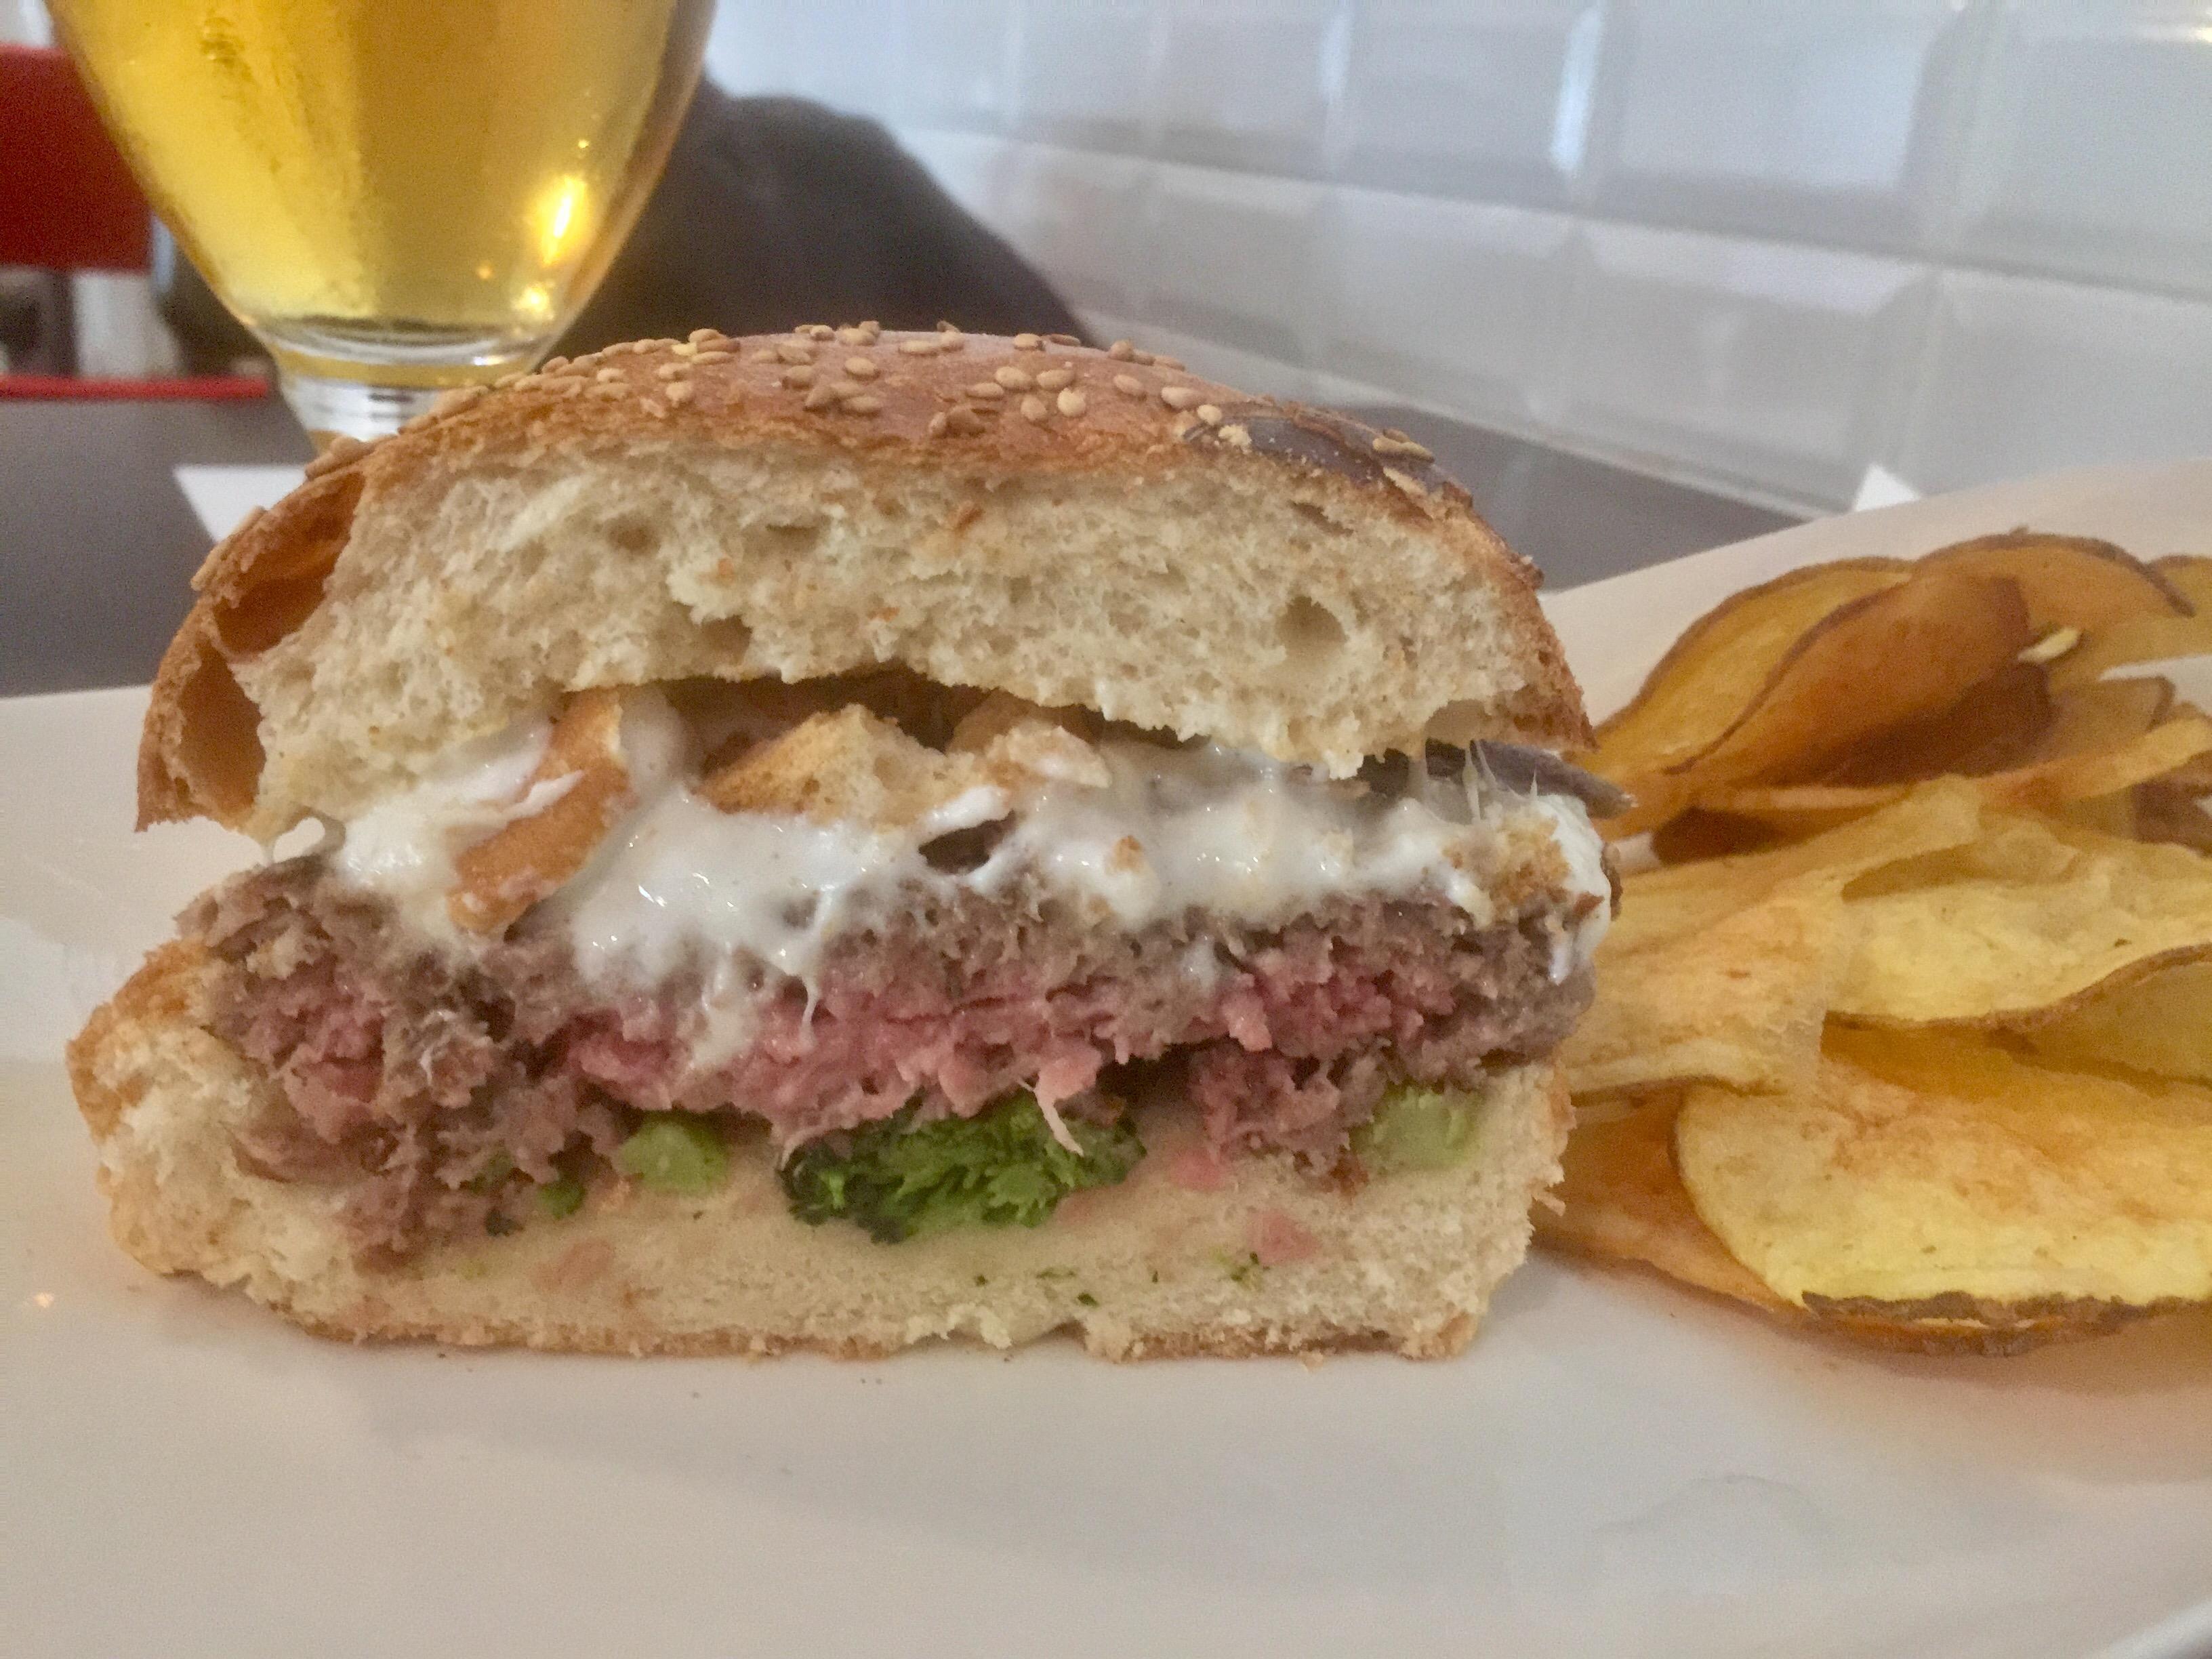 Sezione di un Burger di Fatto-Bene Burger